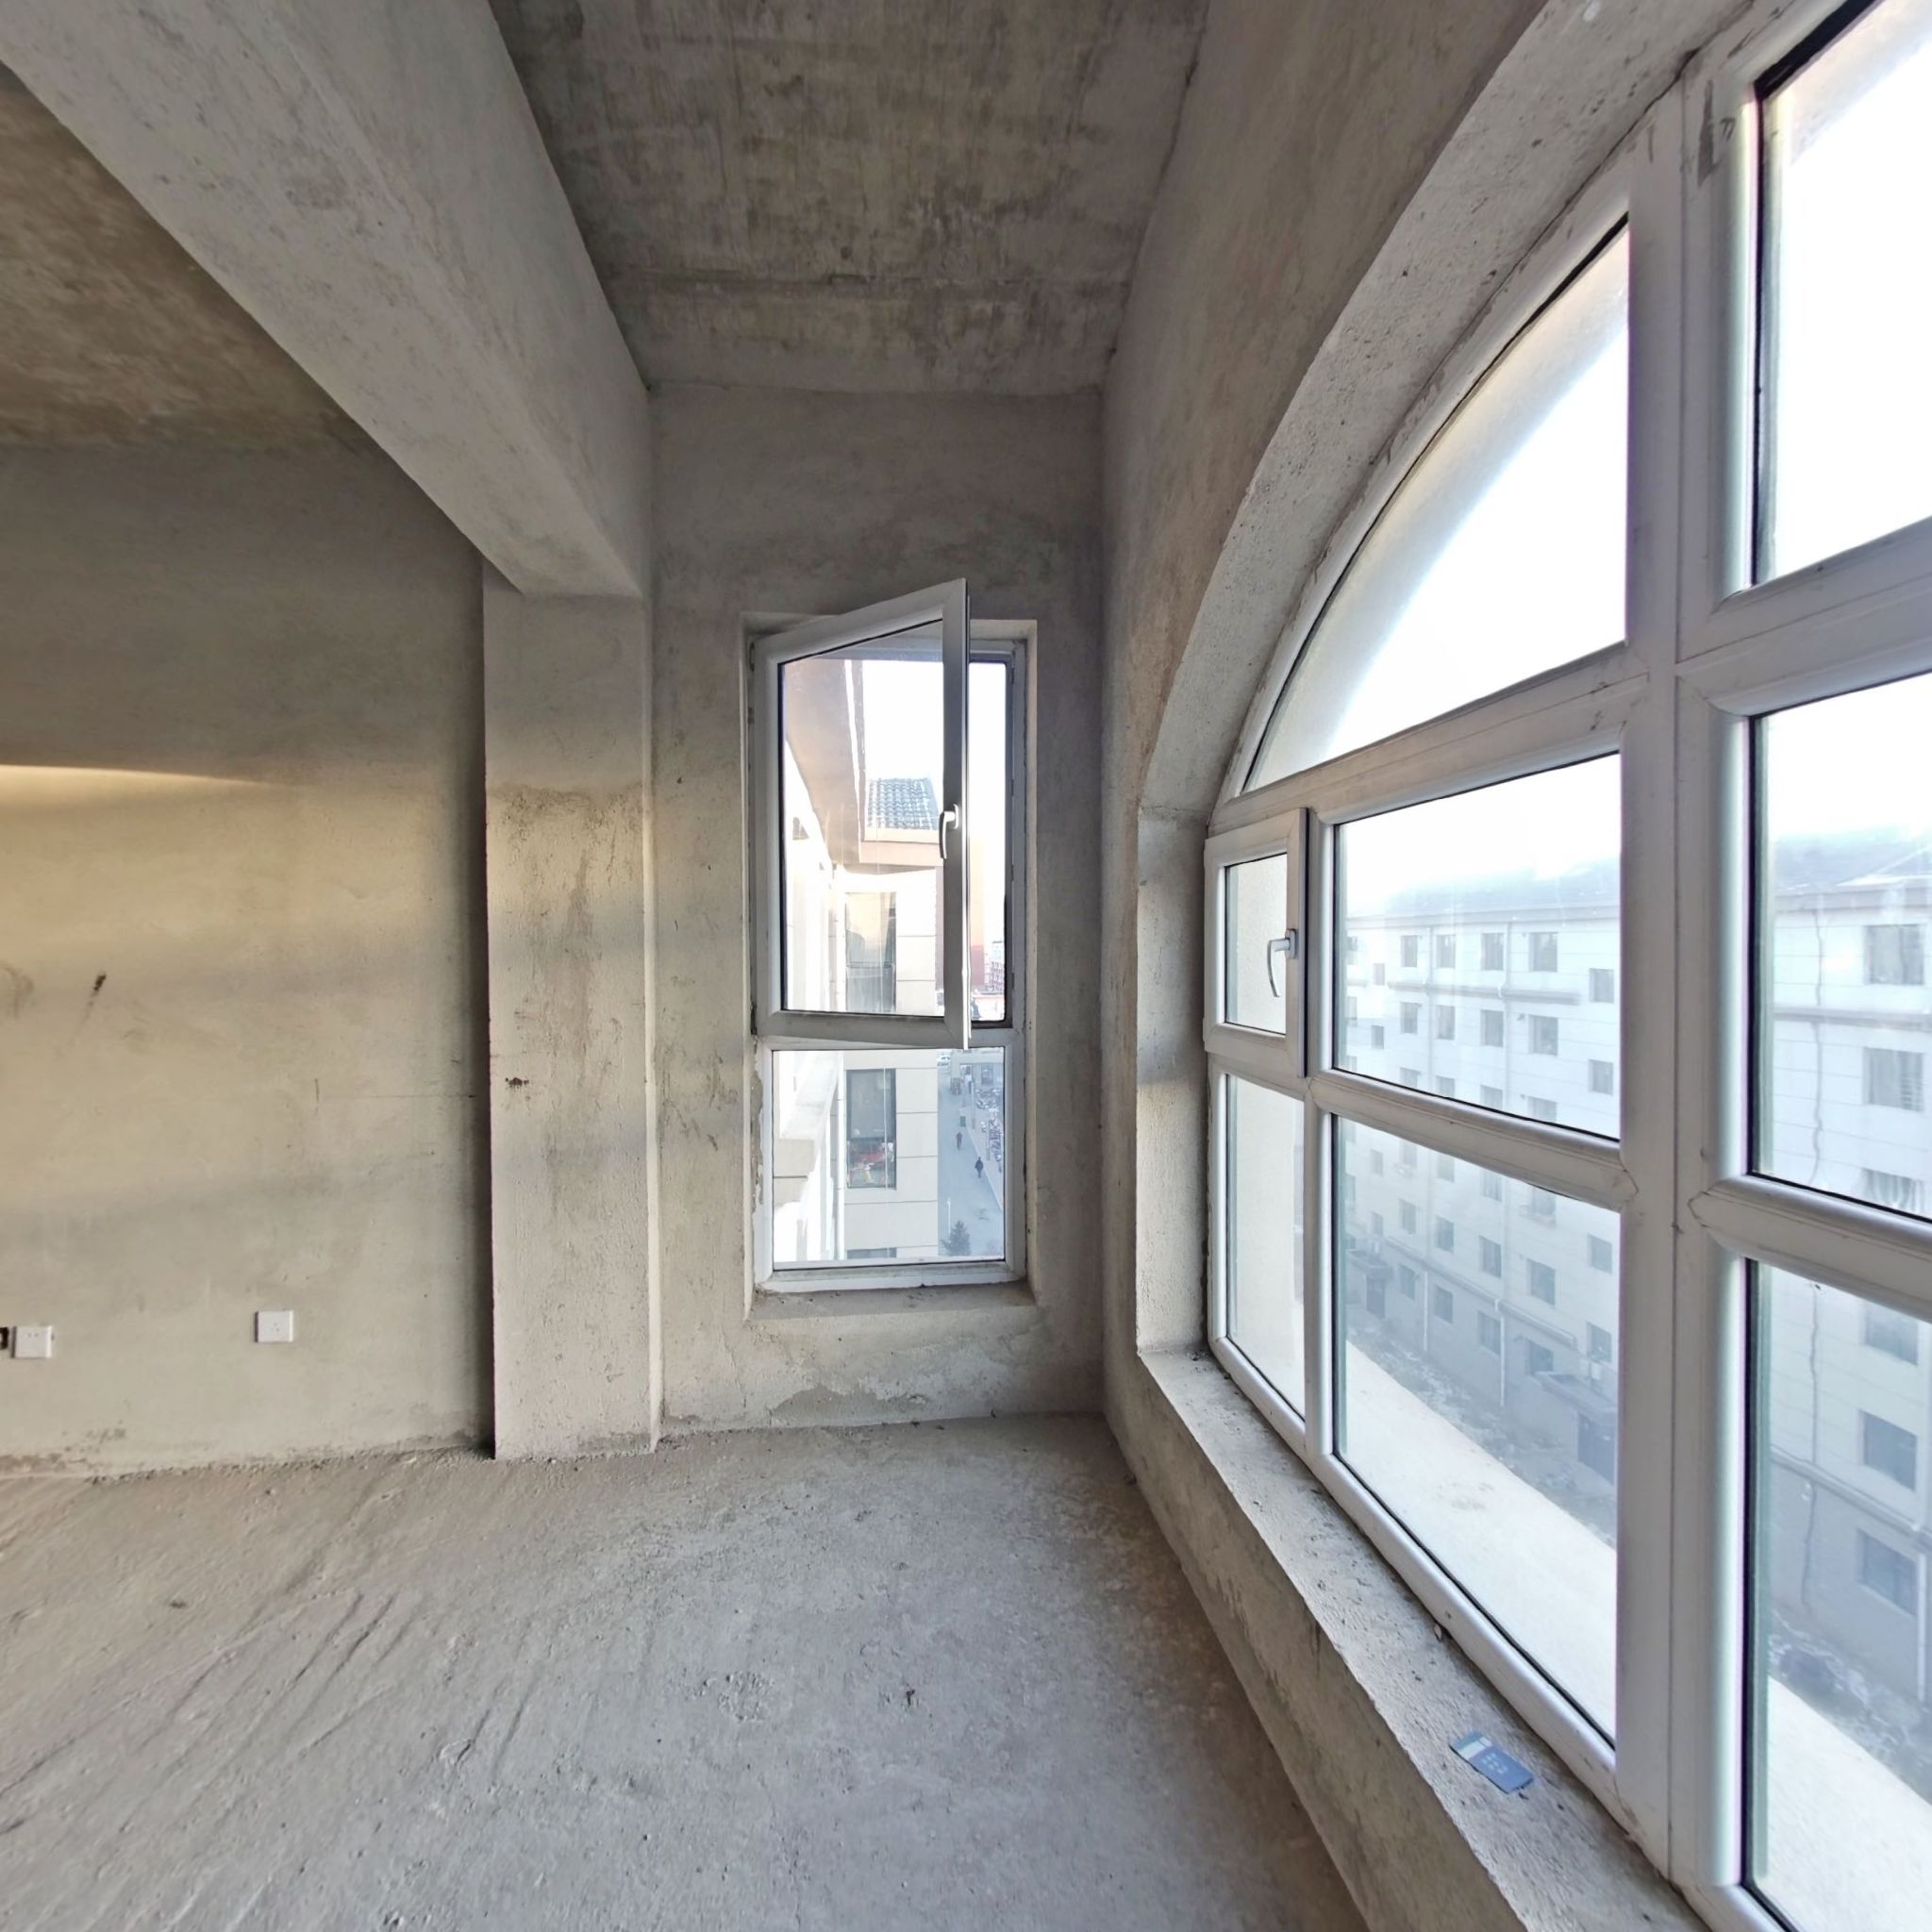 喀喇沁左翼,城南,一品城,一品城,3室2厅,120.03㎡